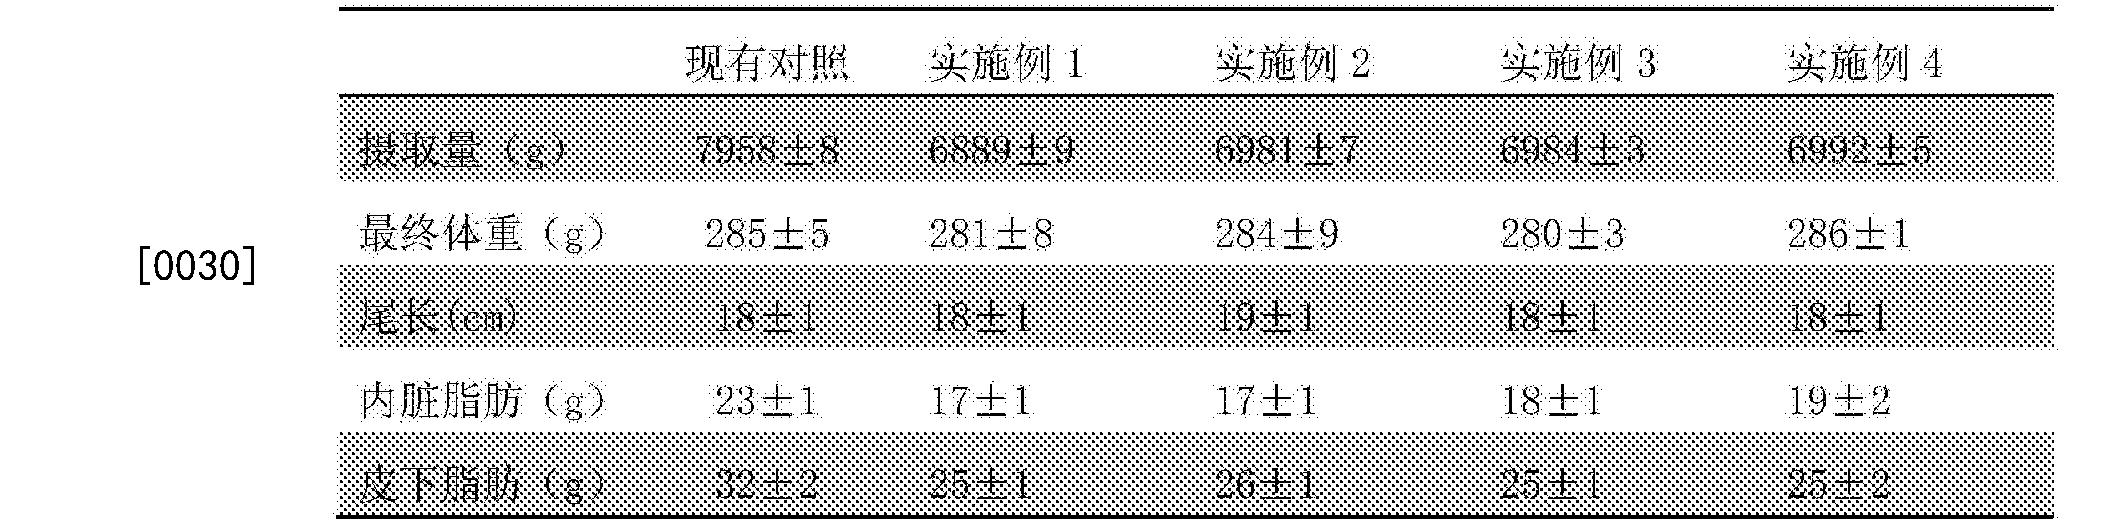 Figure CN105028558BD00061